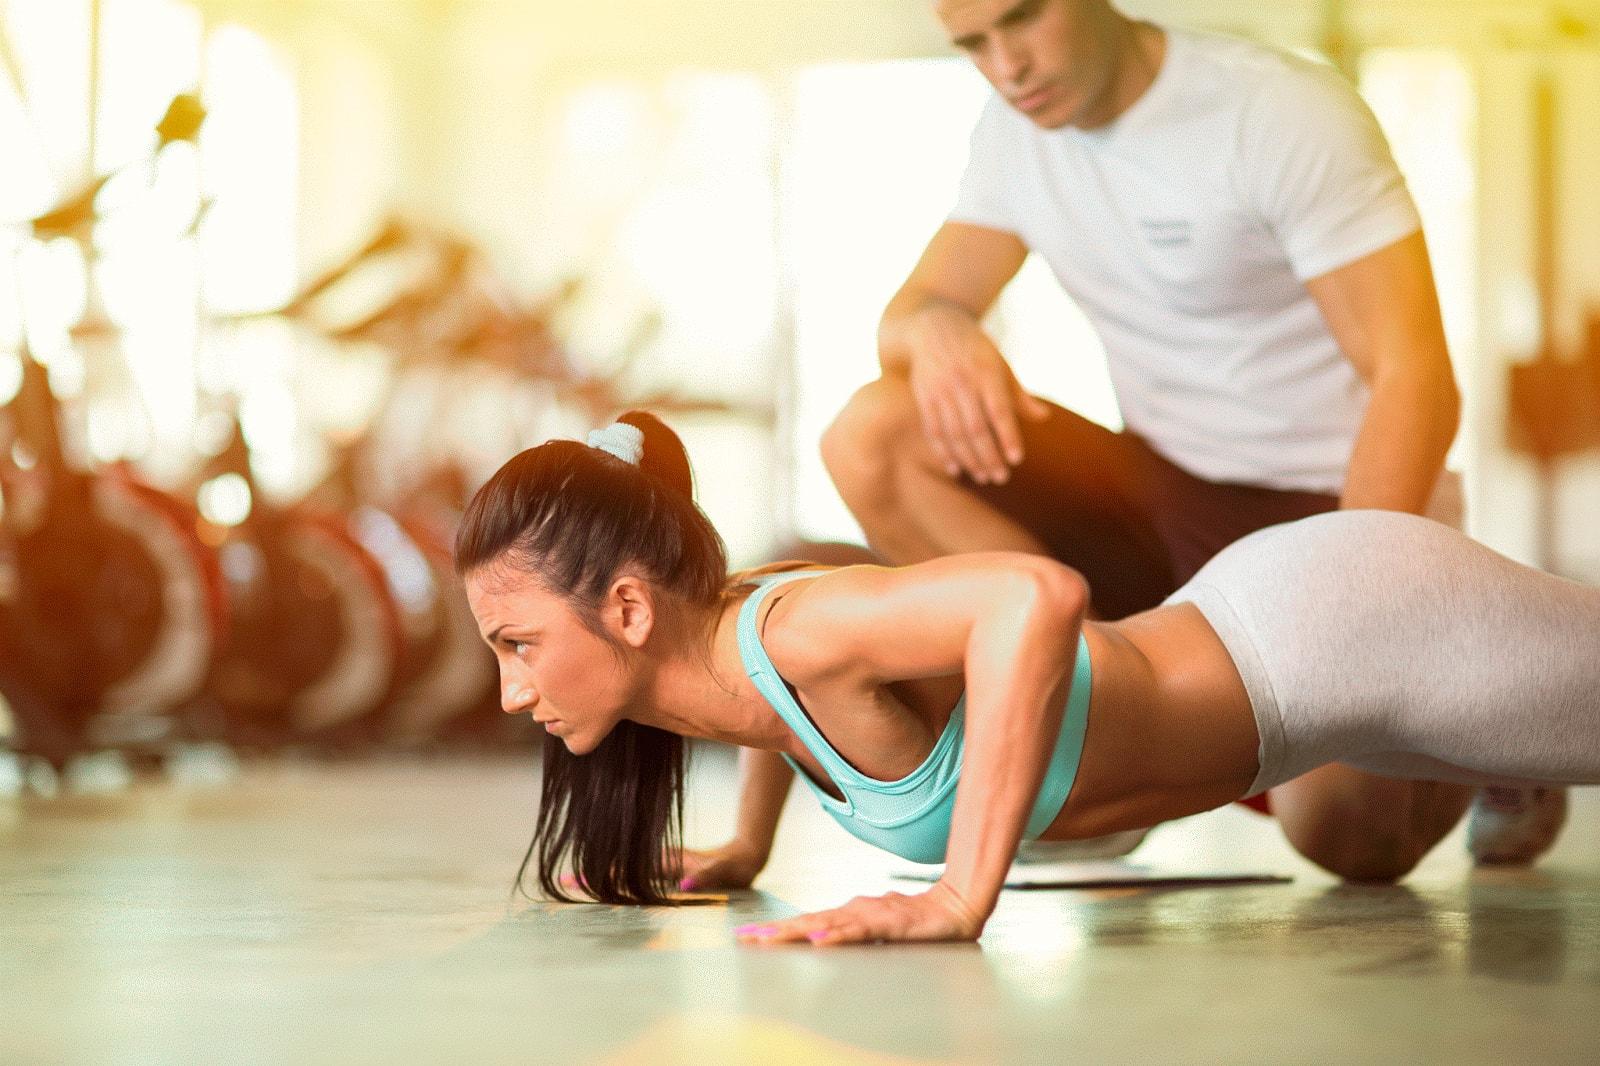 Спортивная девушка отжимается от пола под присмотром тренера